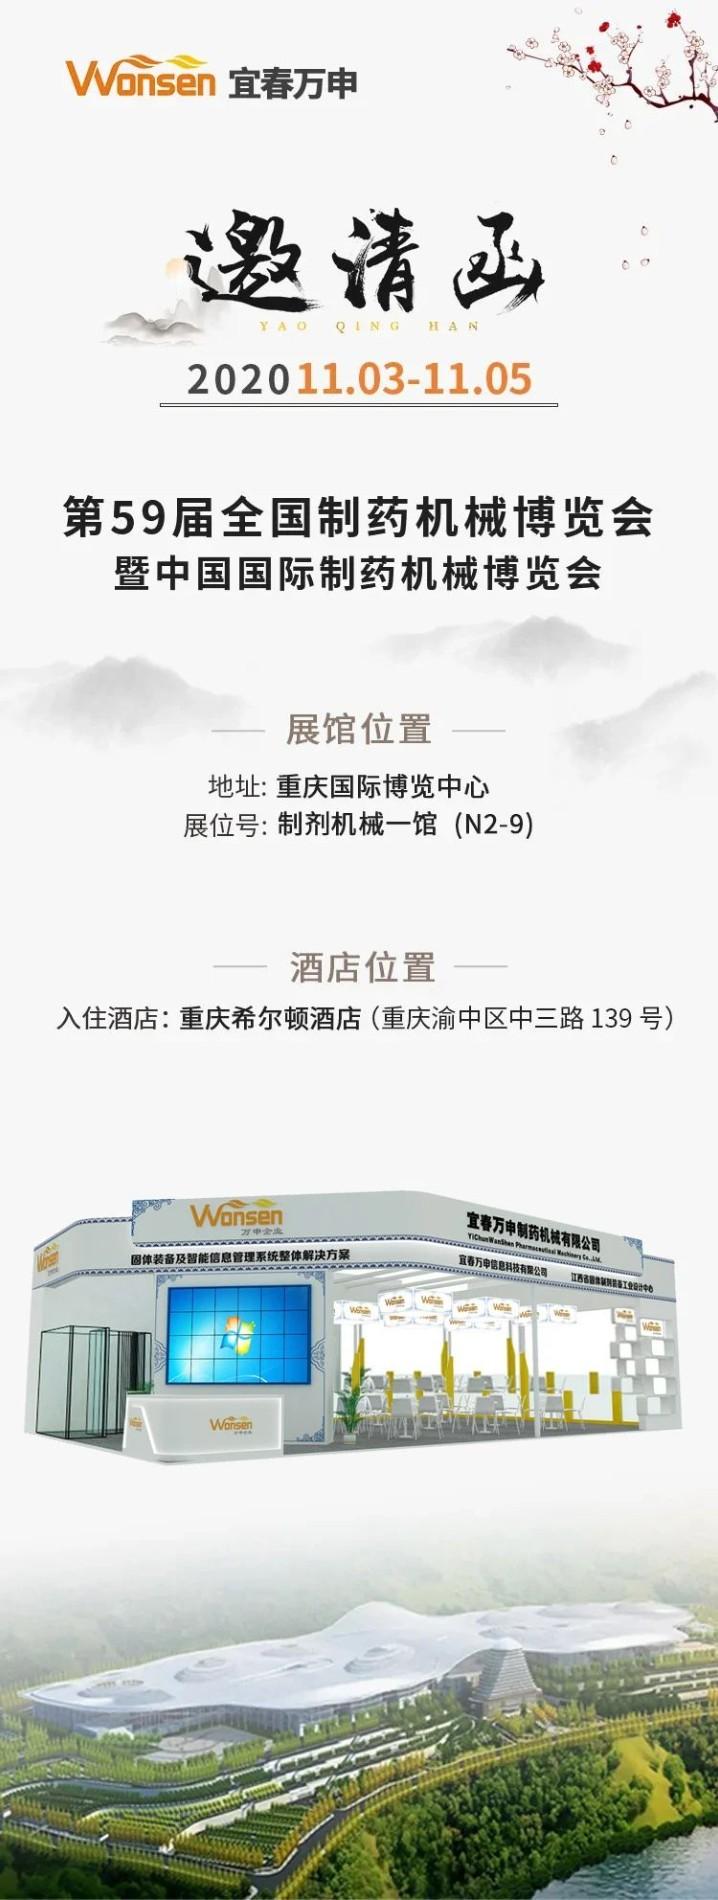 Национальная выставка фармацевтического оборудования 2020 CIPM China